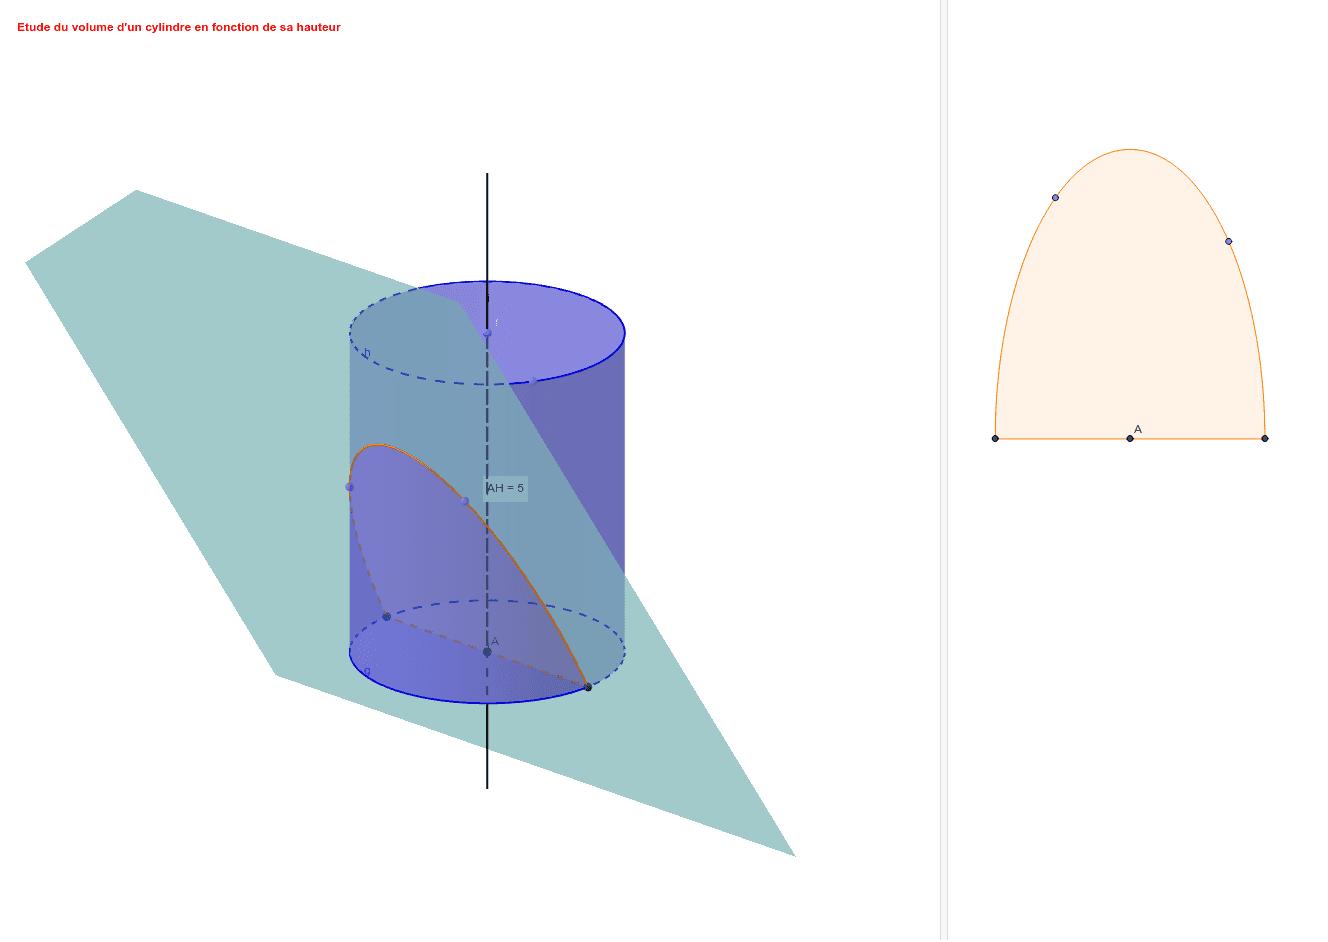 Section d'un cylindre non parallèle à la base